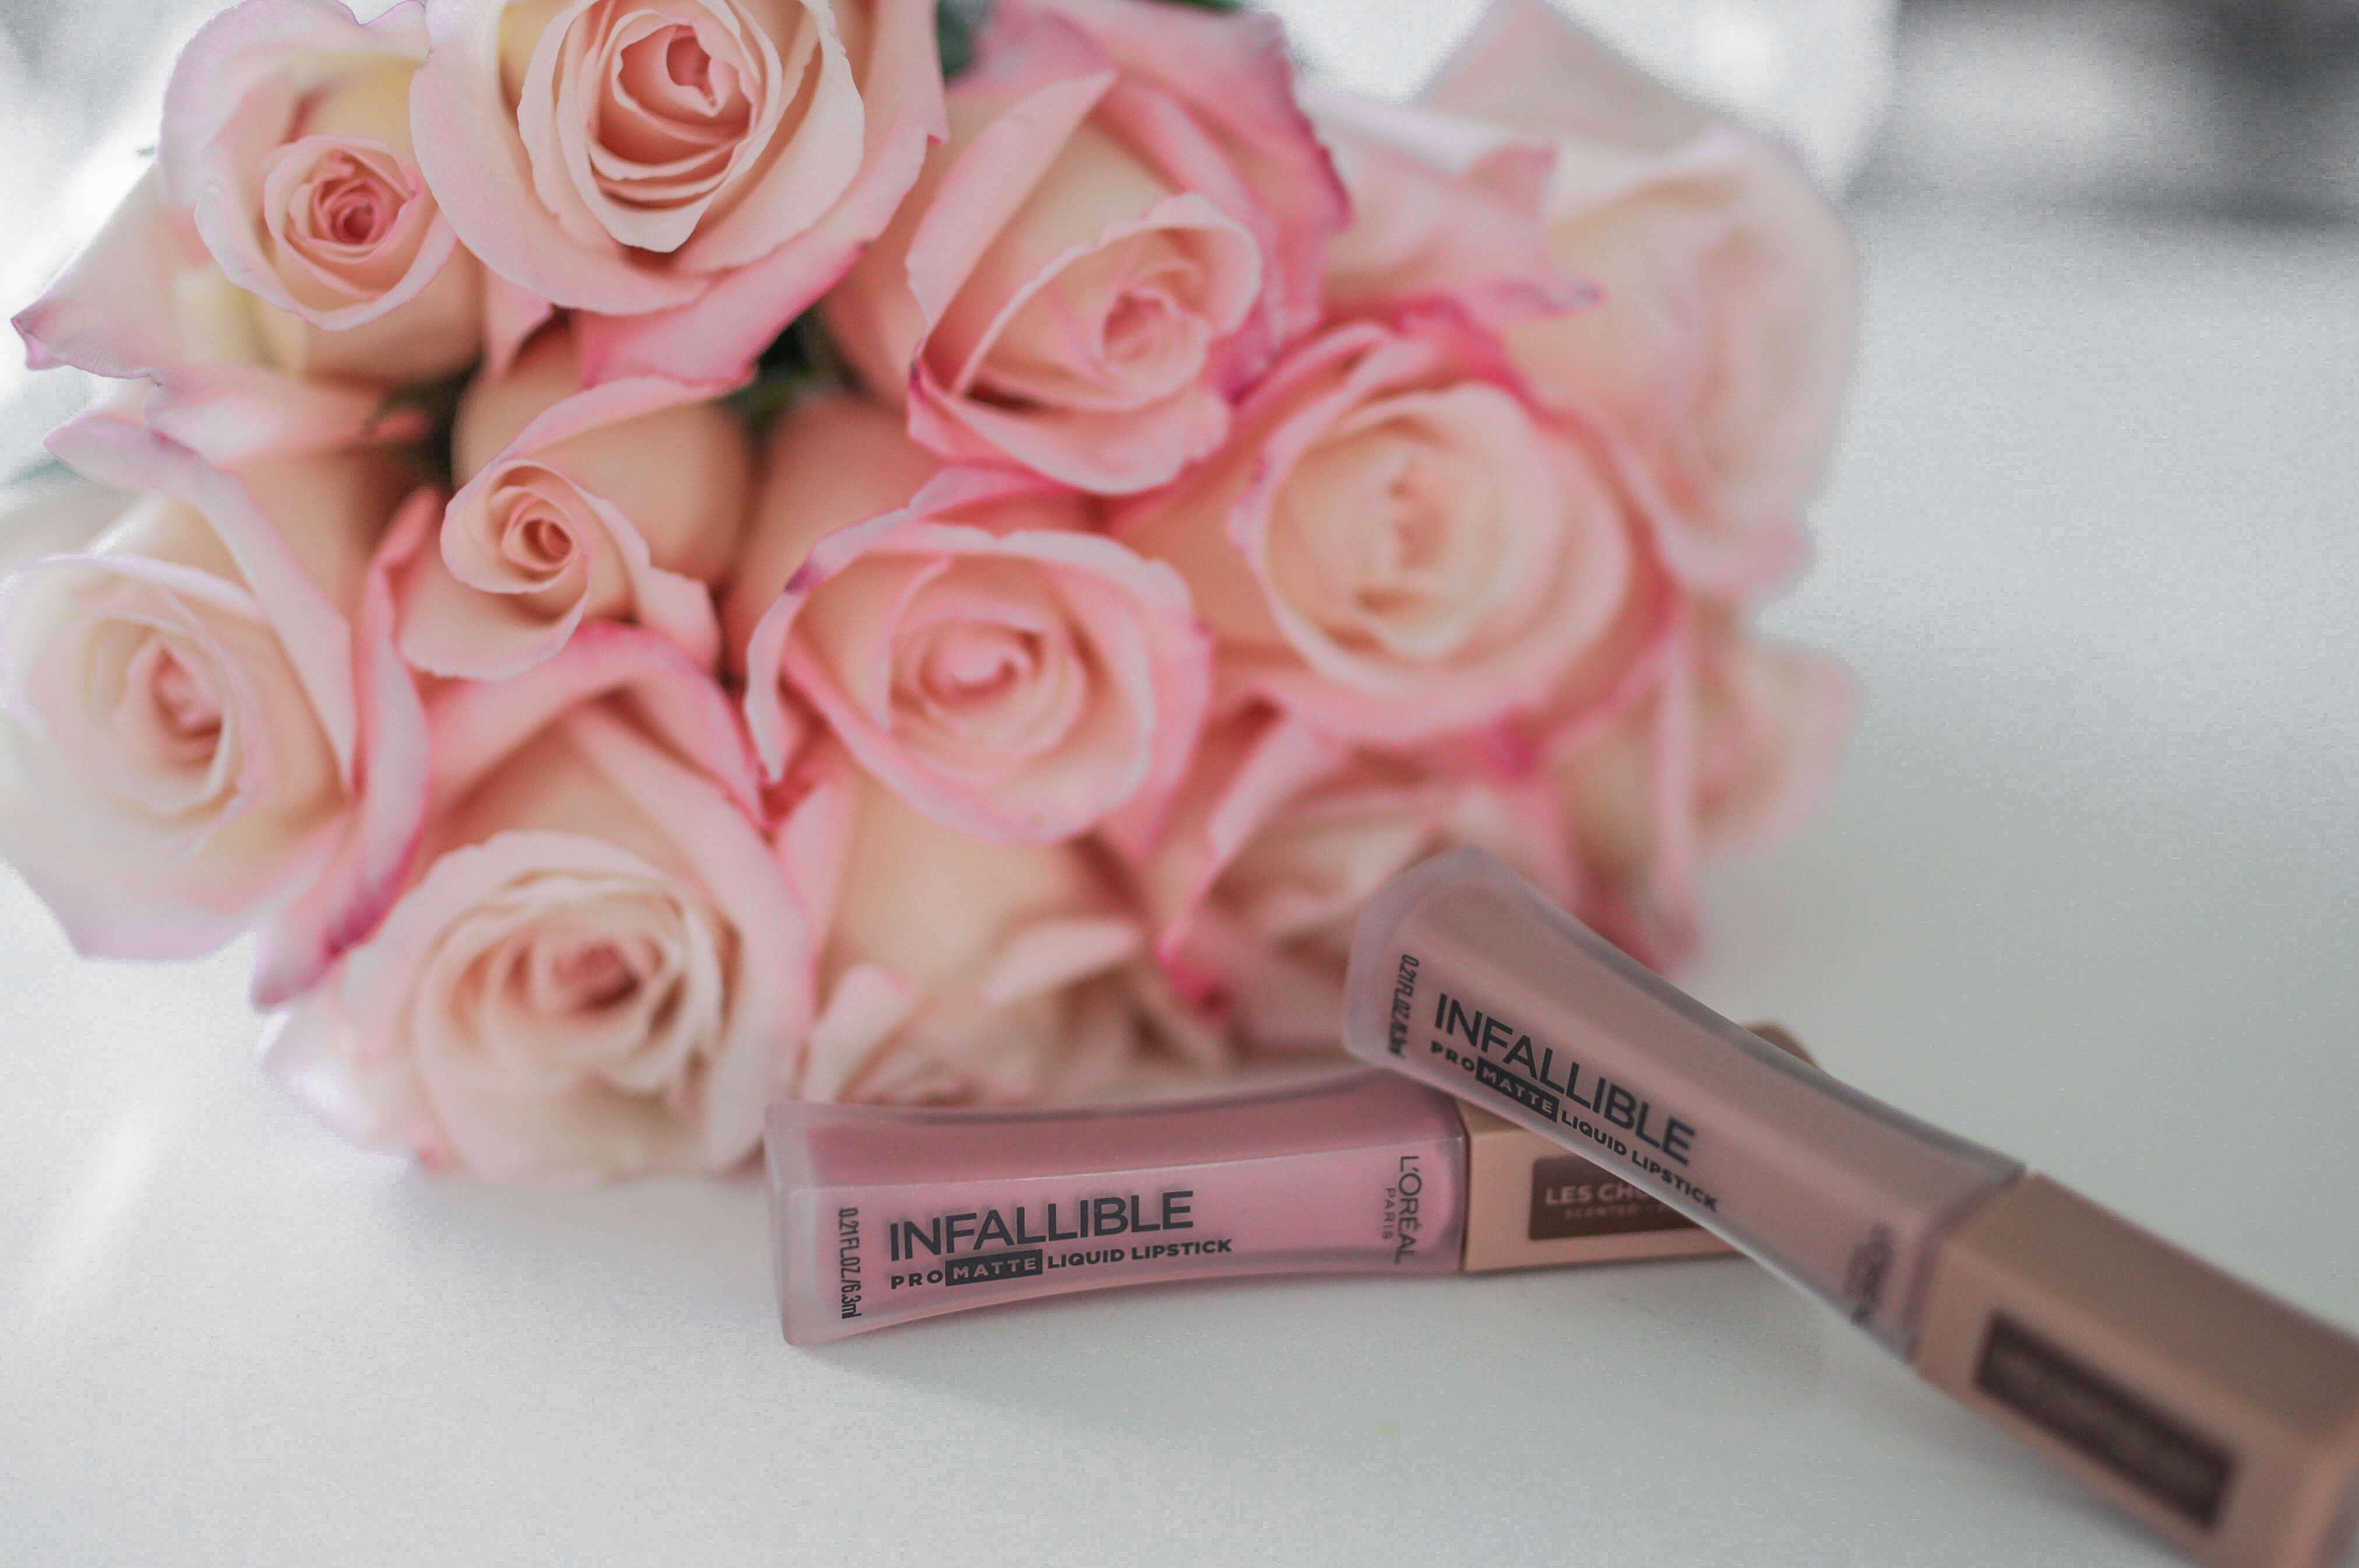 L'Oreal Infallible Liquid Lipstick Les Chocolats